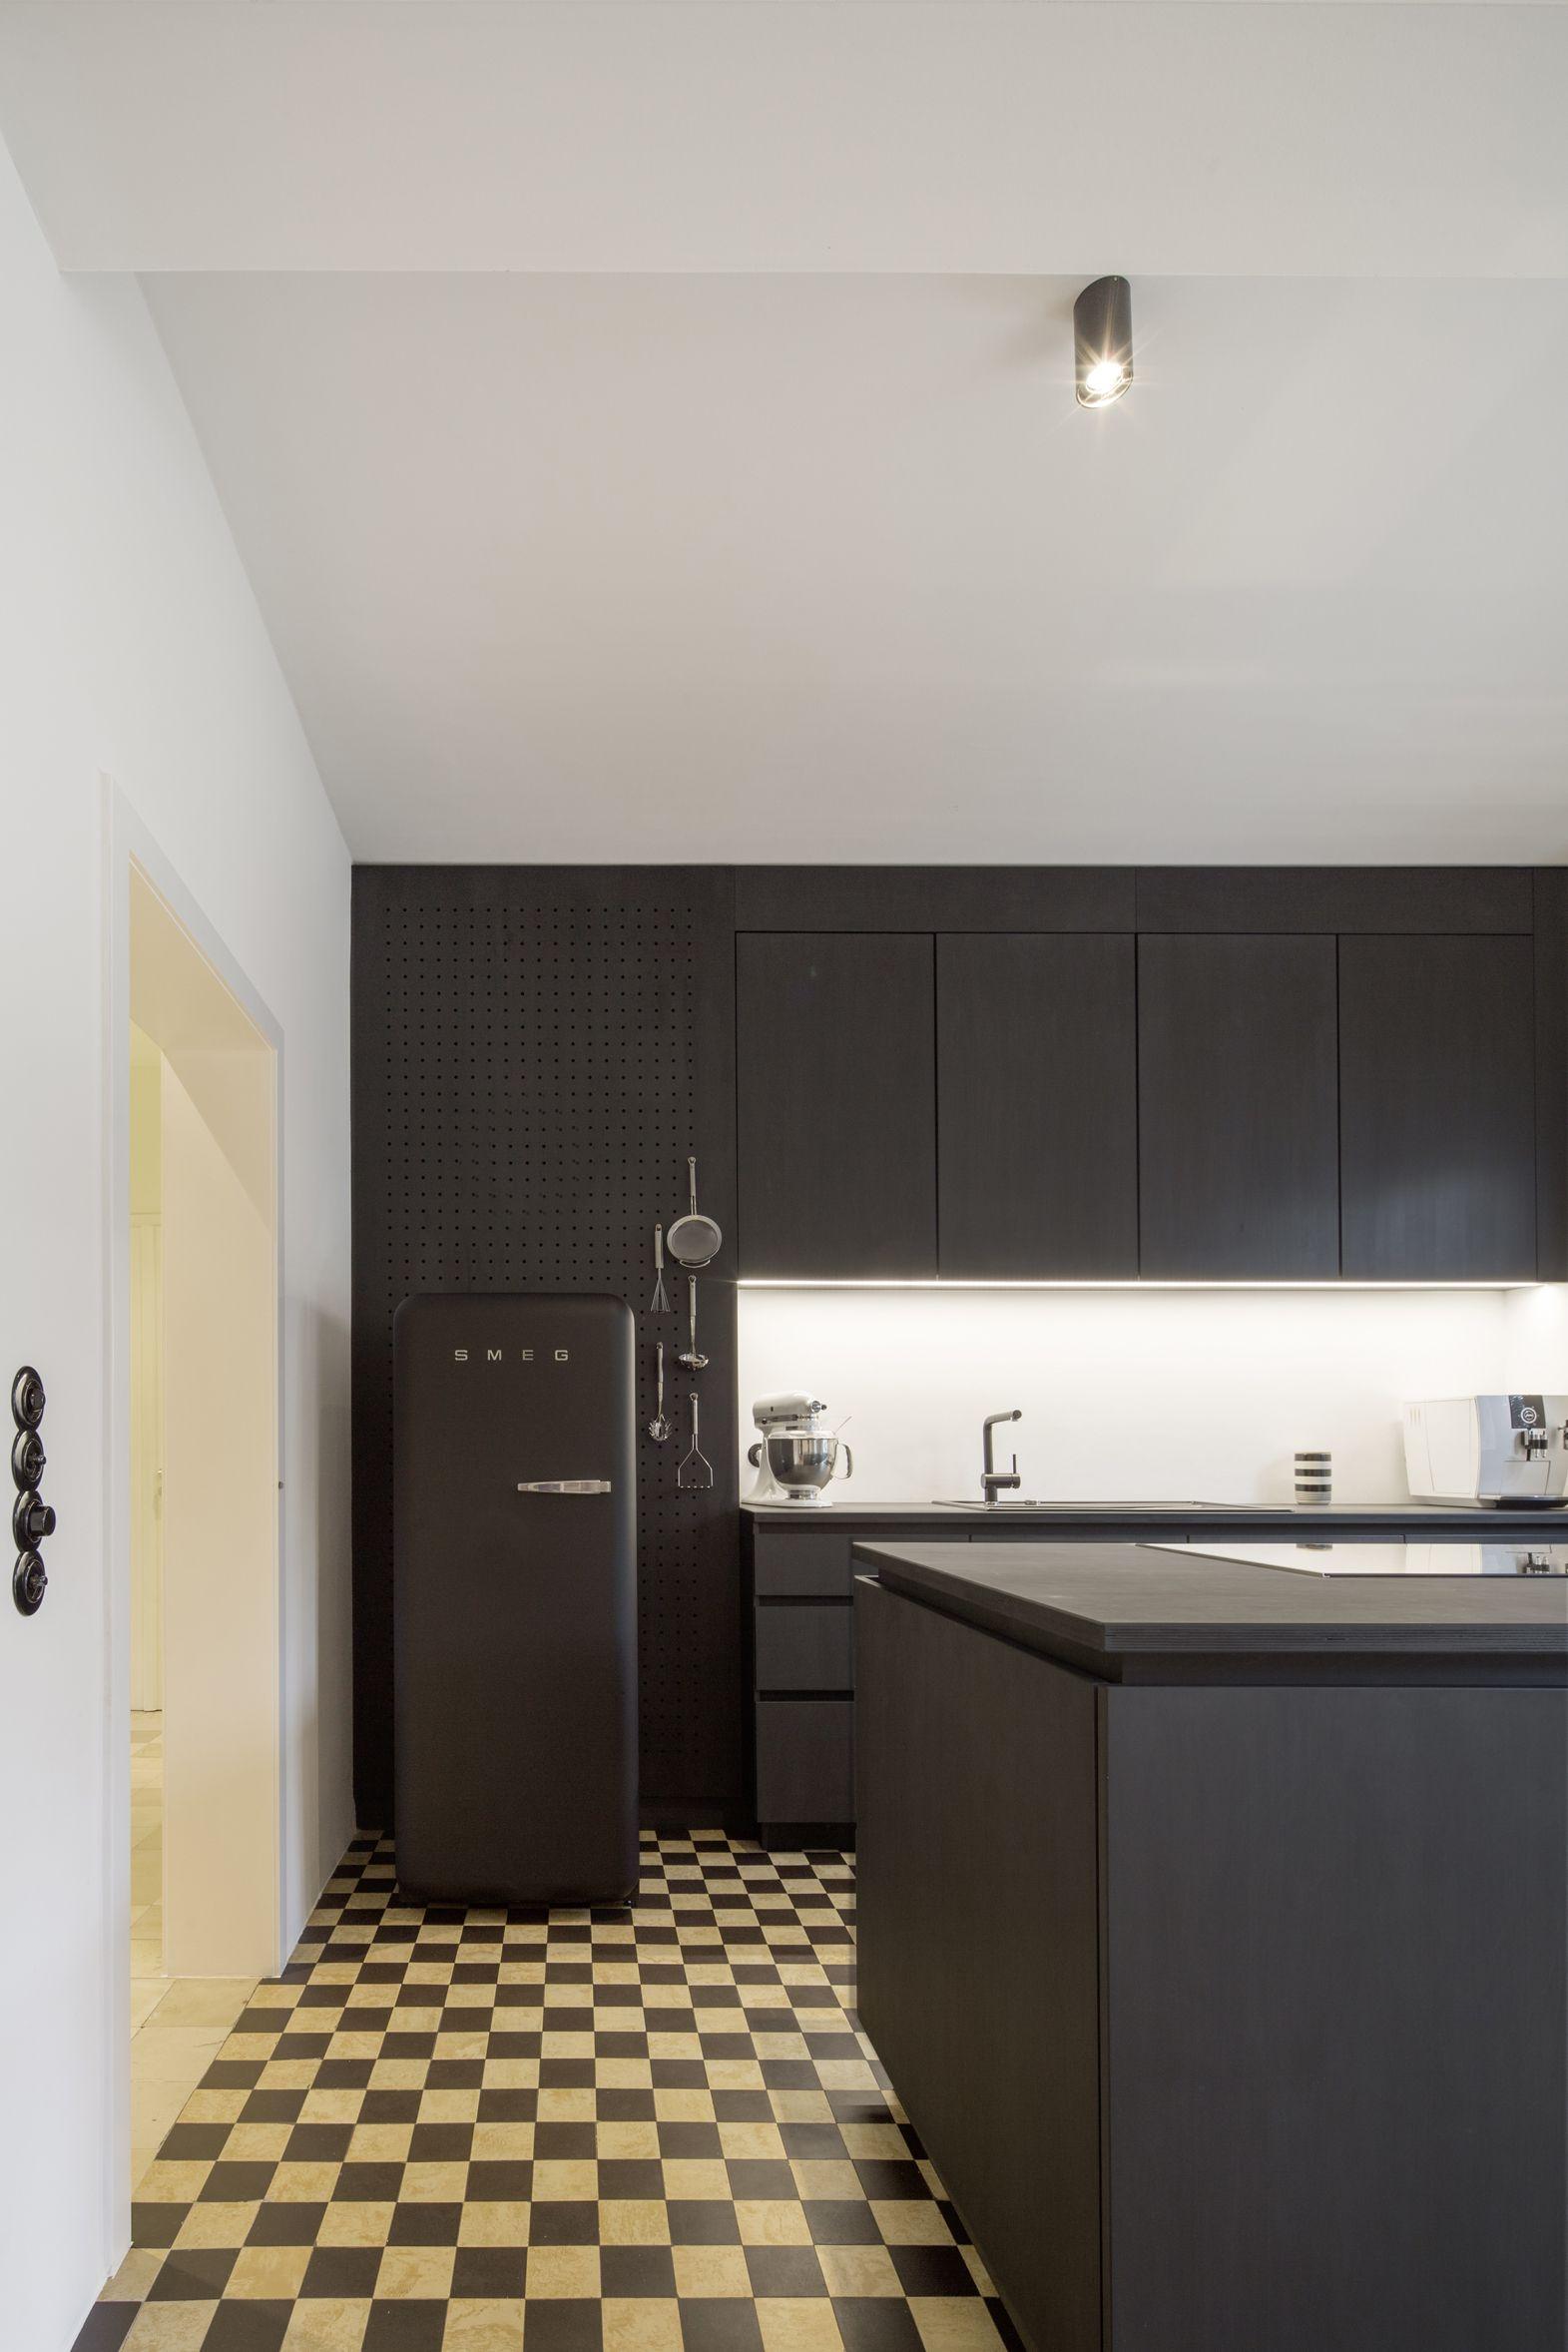 haus k m nster umbau und sanierung schwarze k che trifft alte fliesen im schachbrettmuster smeg. Black Bedroom Furniture Sets. Home Design Ideas